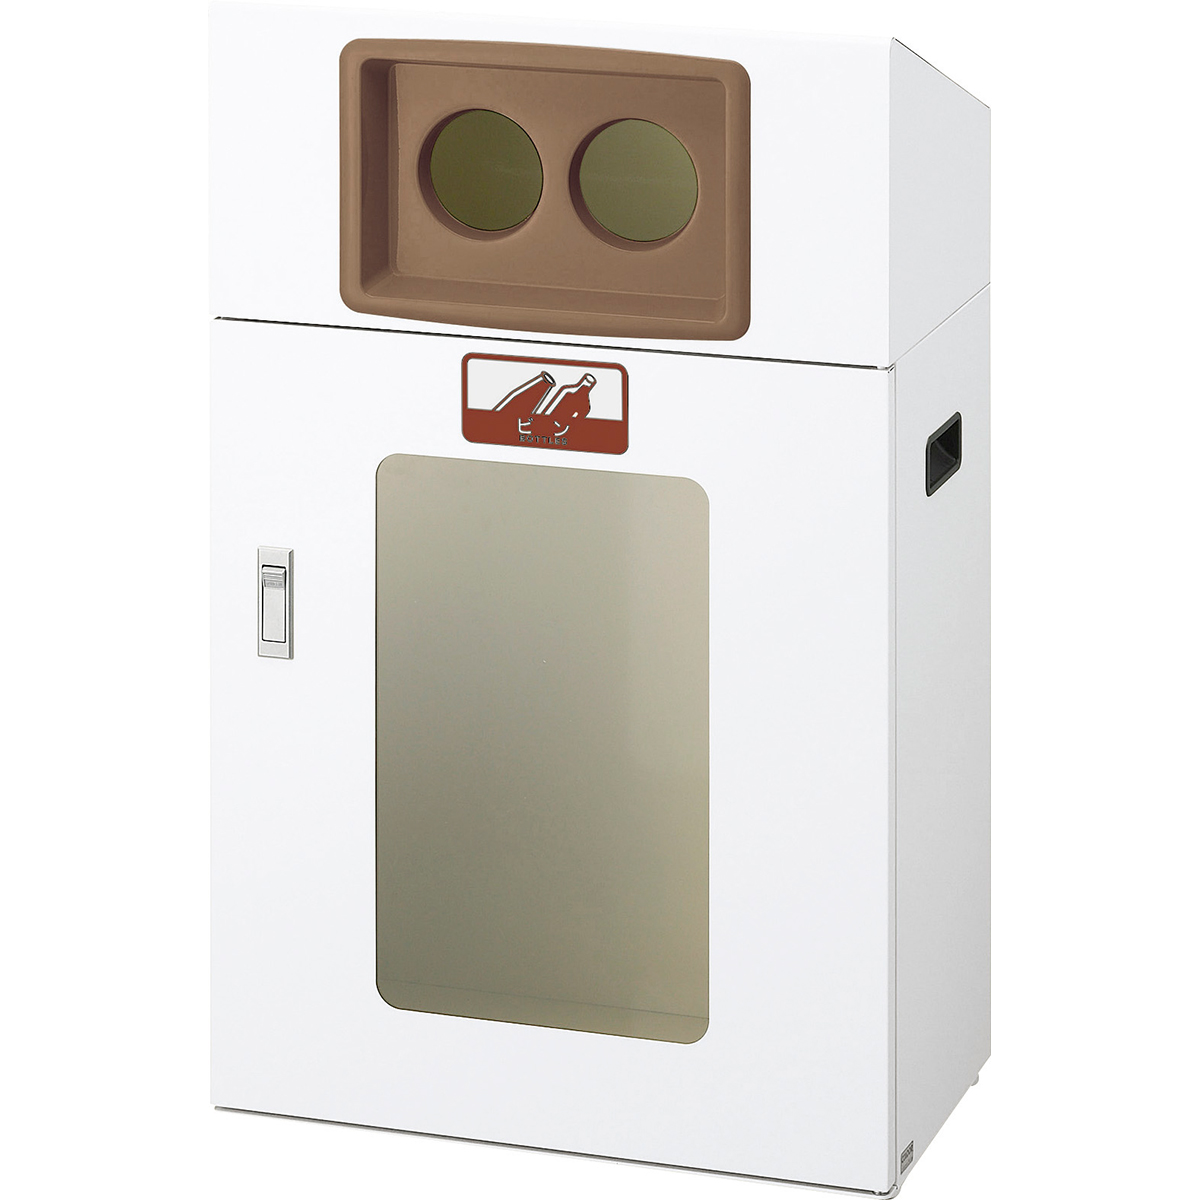 山崎産業 リサイクルボックス YOS-50 70L あきビン/BR(茶) (代引不可) YW-347L-ID